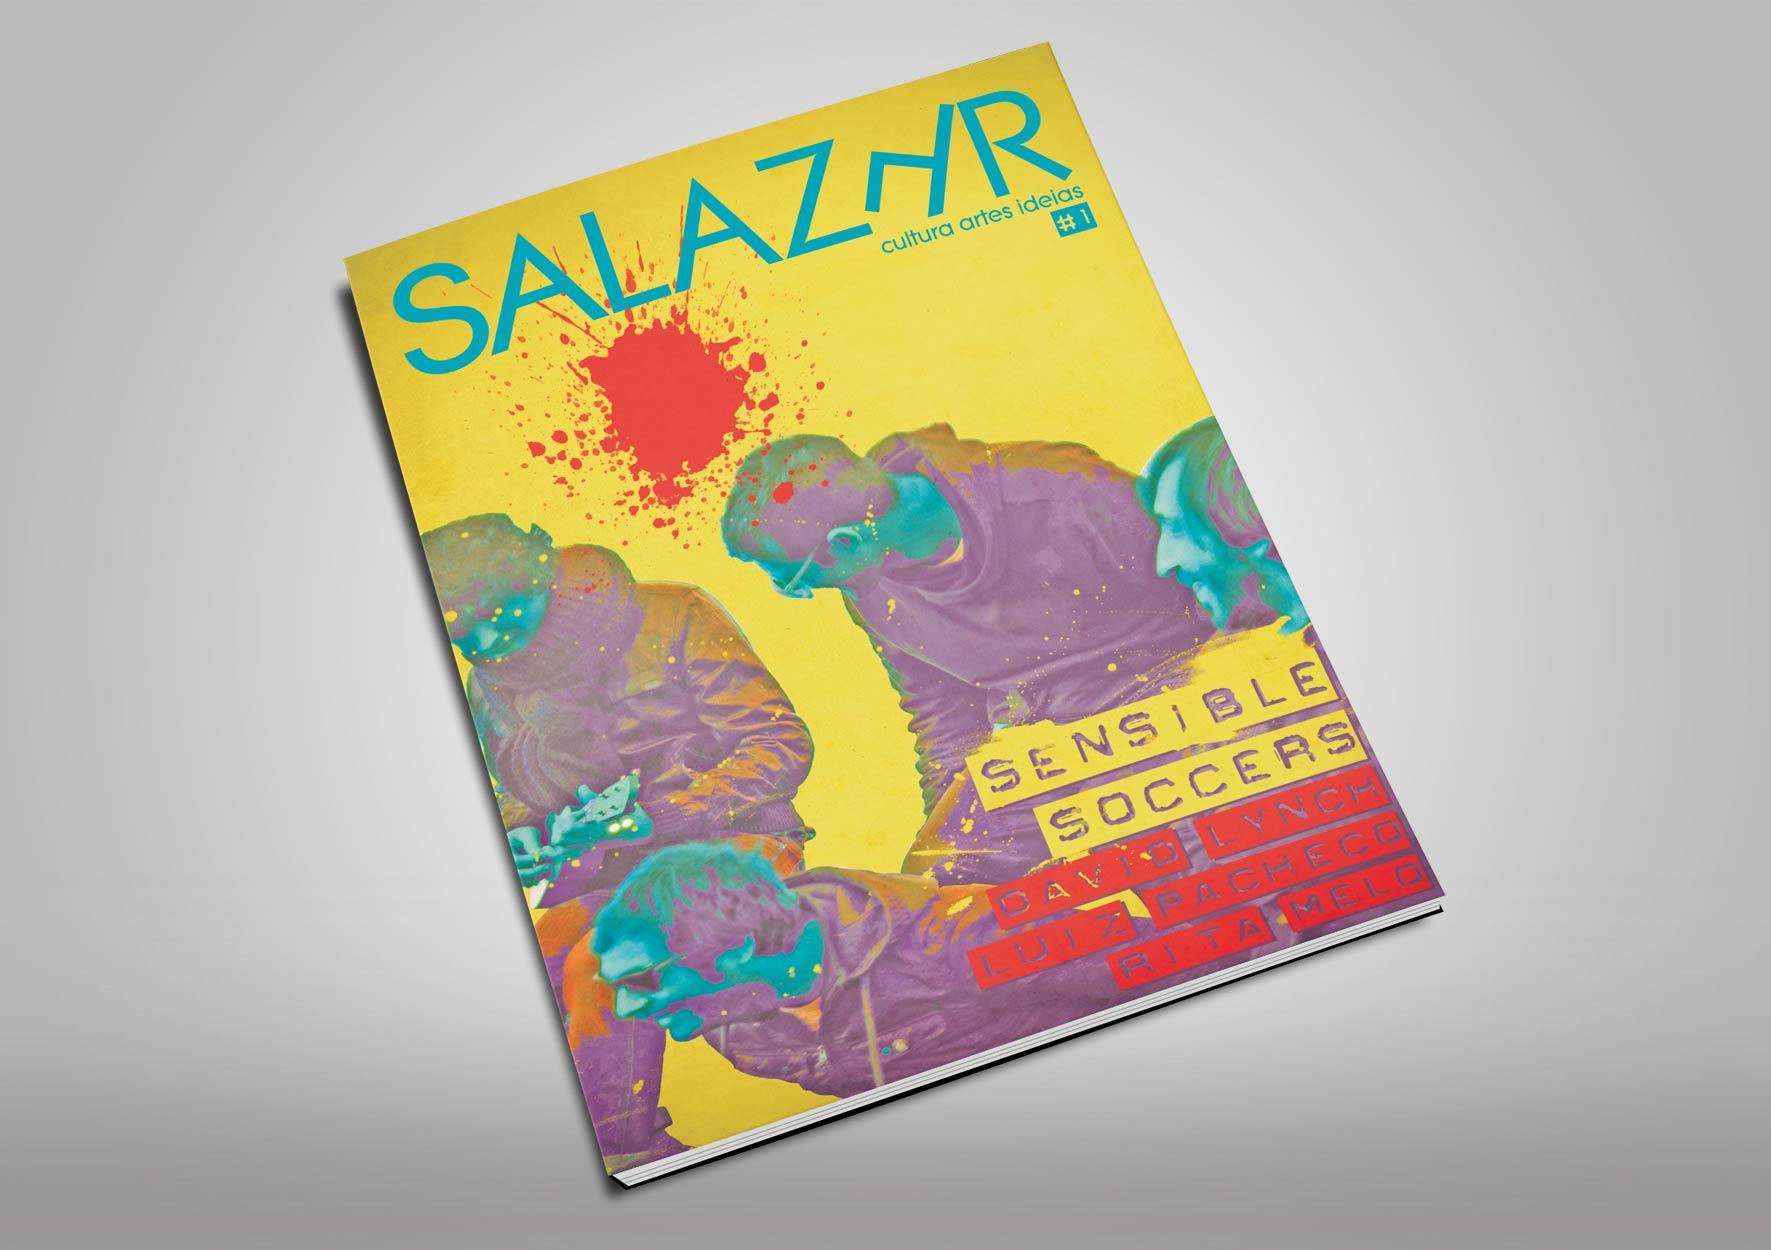 Revista Salazar - portfolio d-sign Ana Cláudia